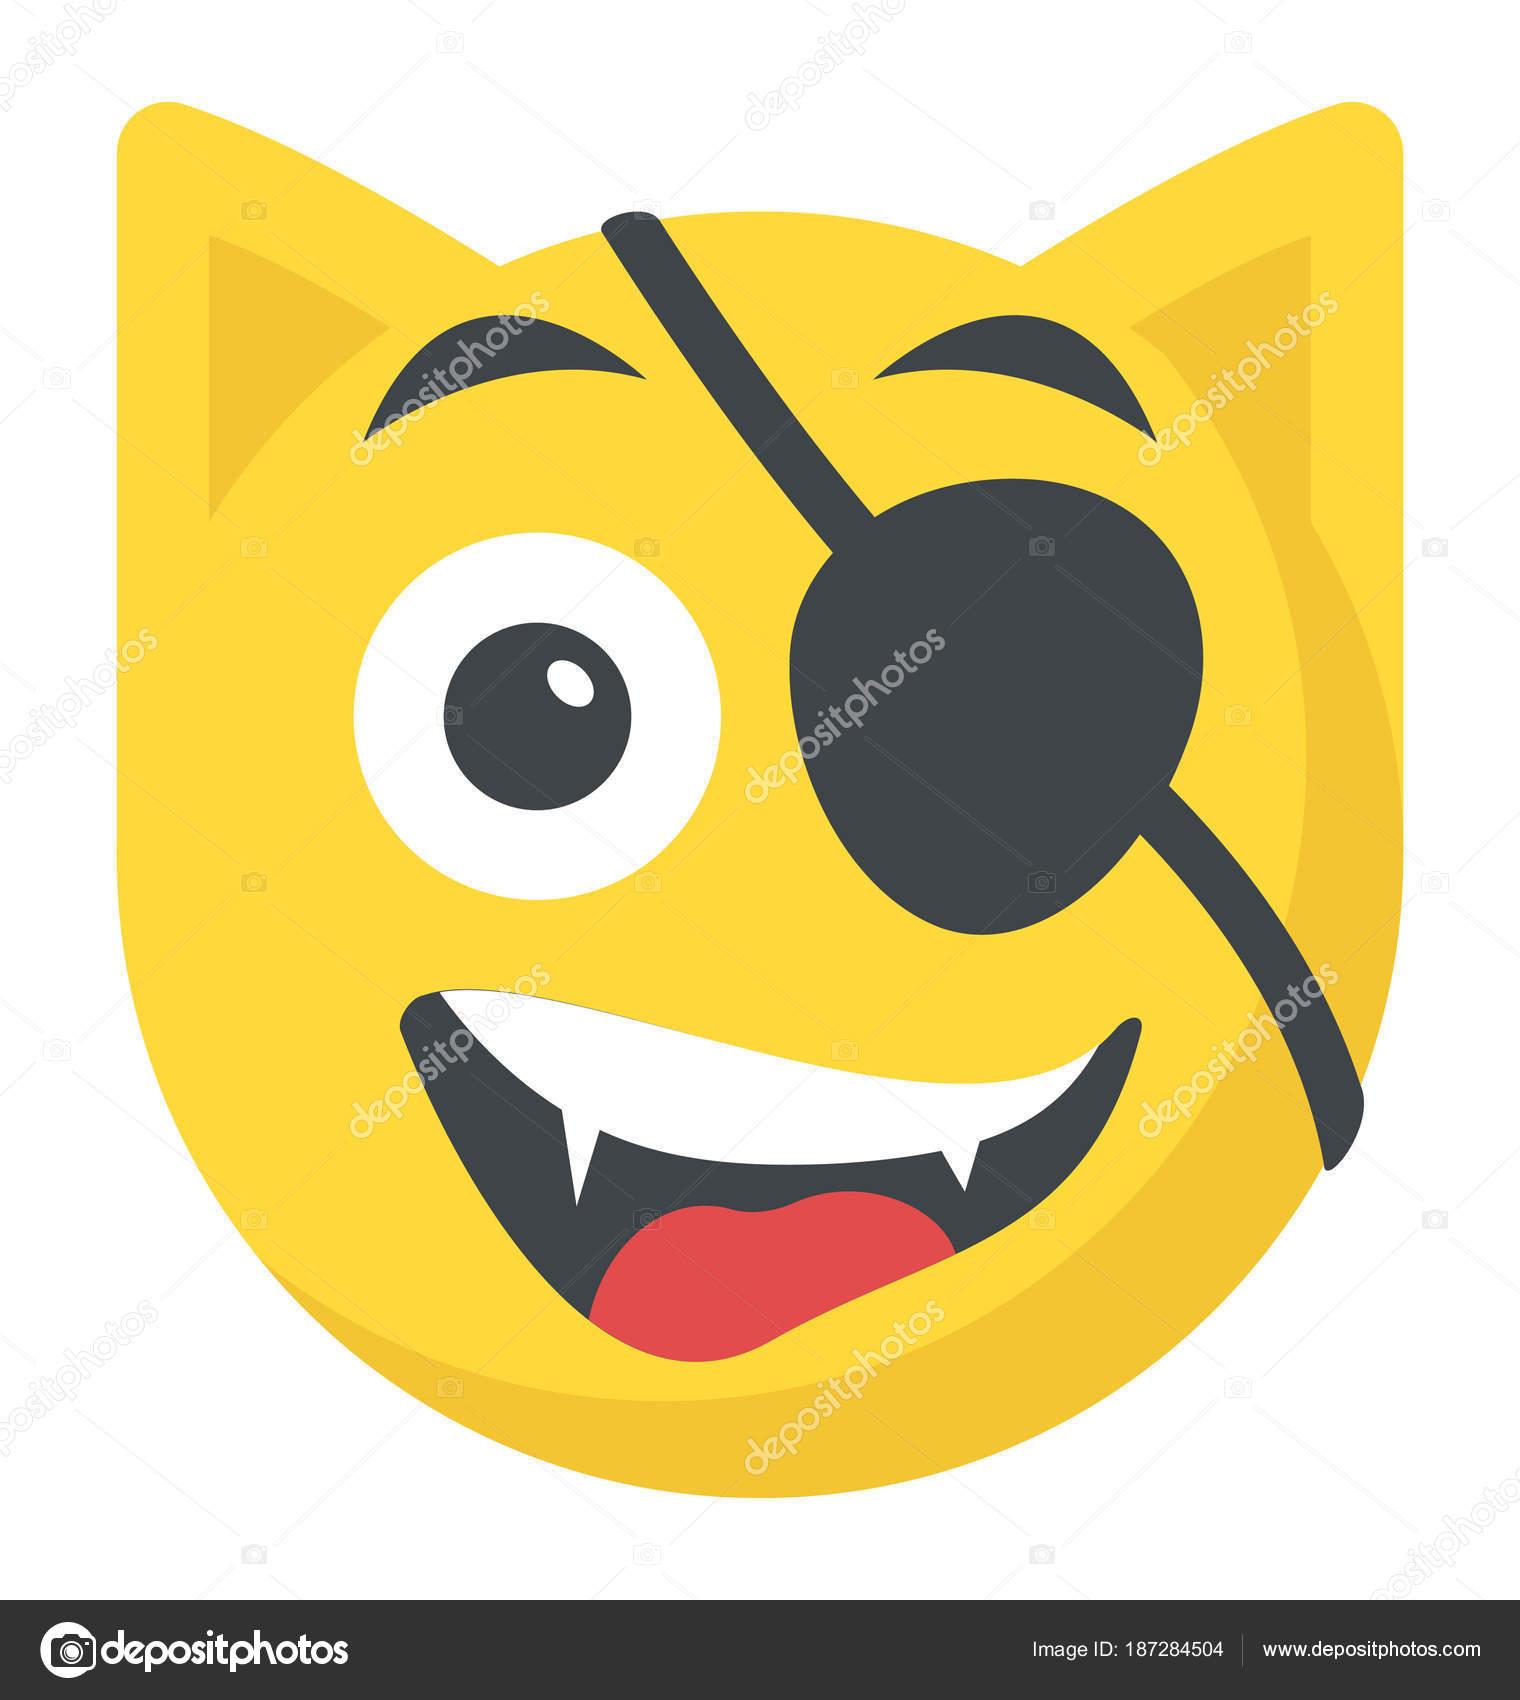 Diseño Plano Icono Emoji Pirata Con Parche Ojo — Vector de stock ...